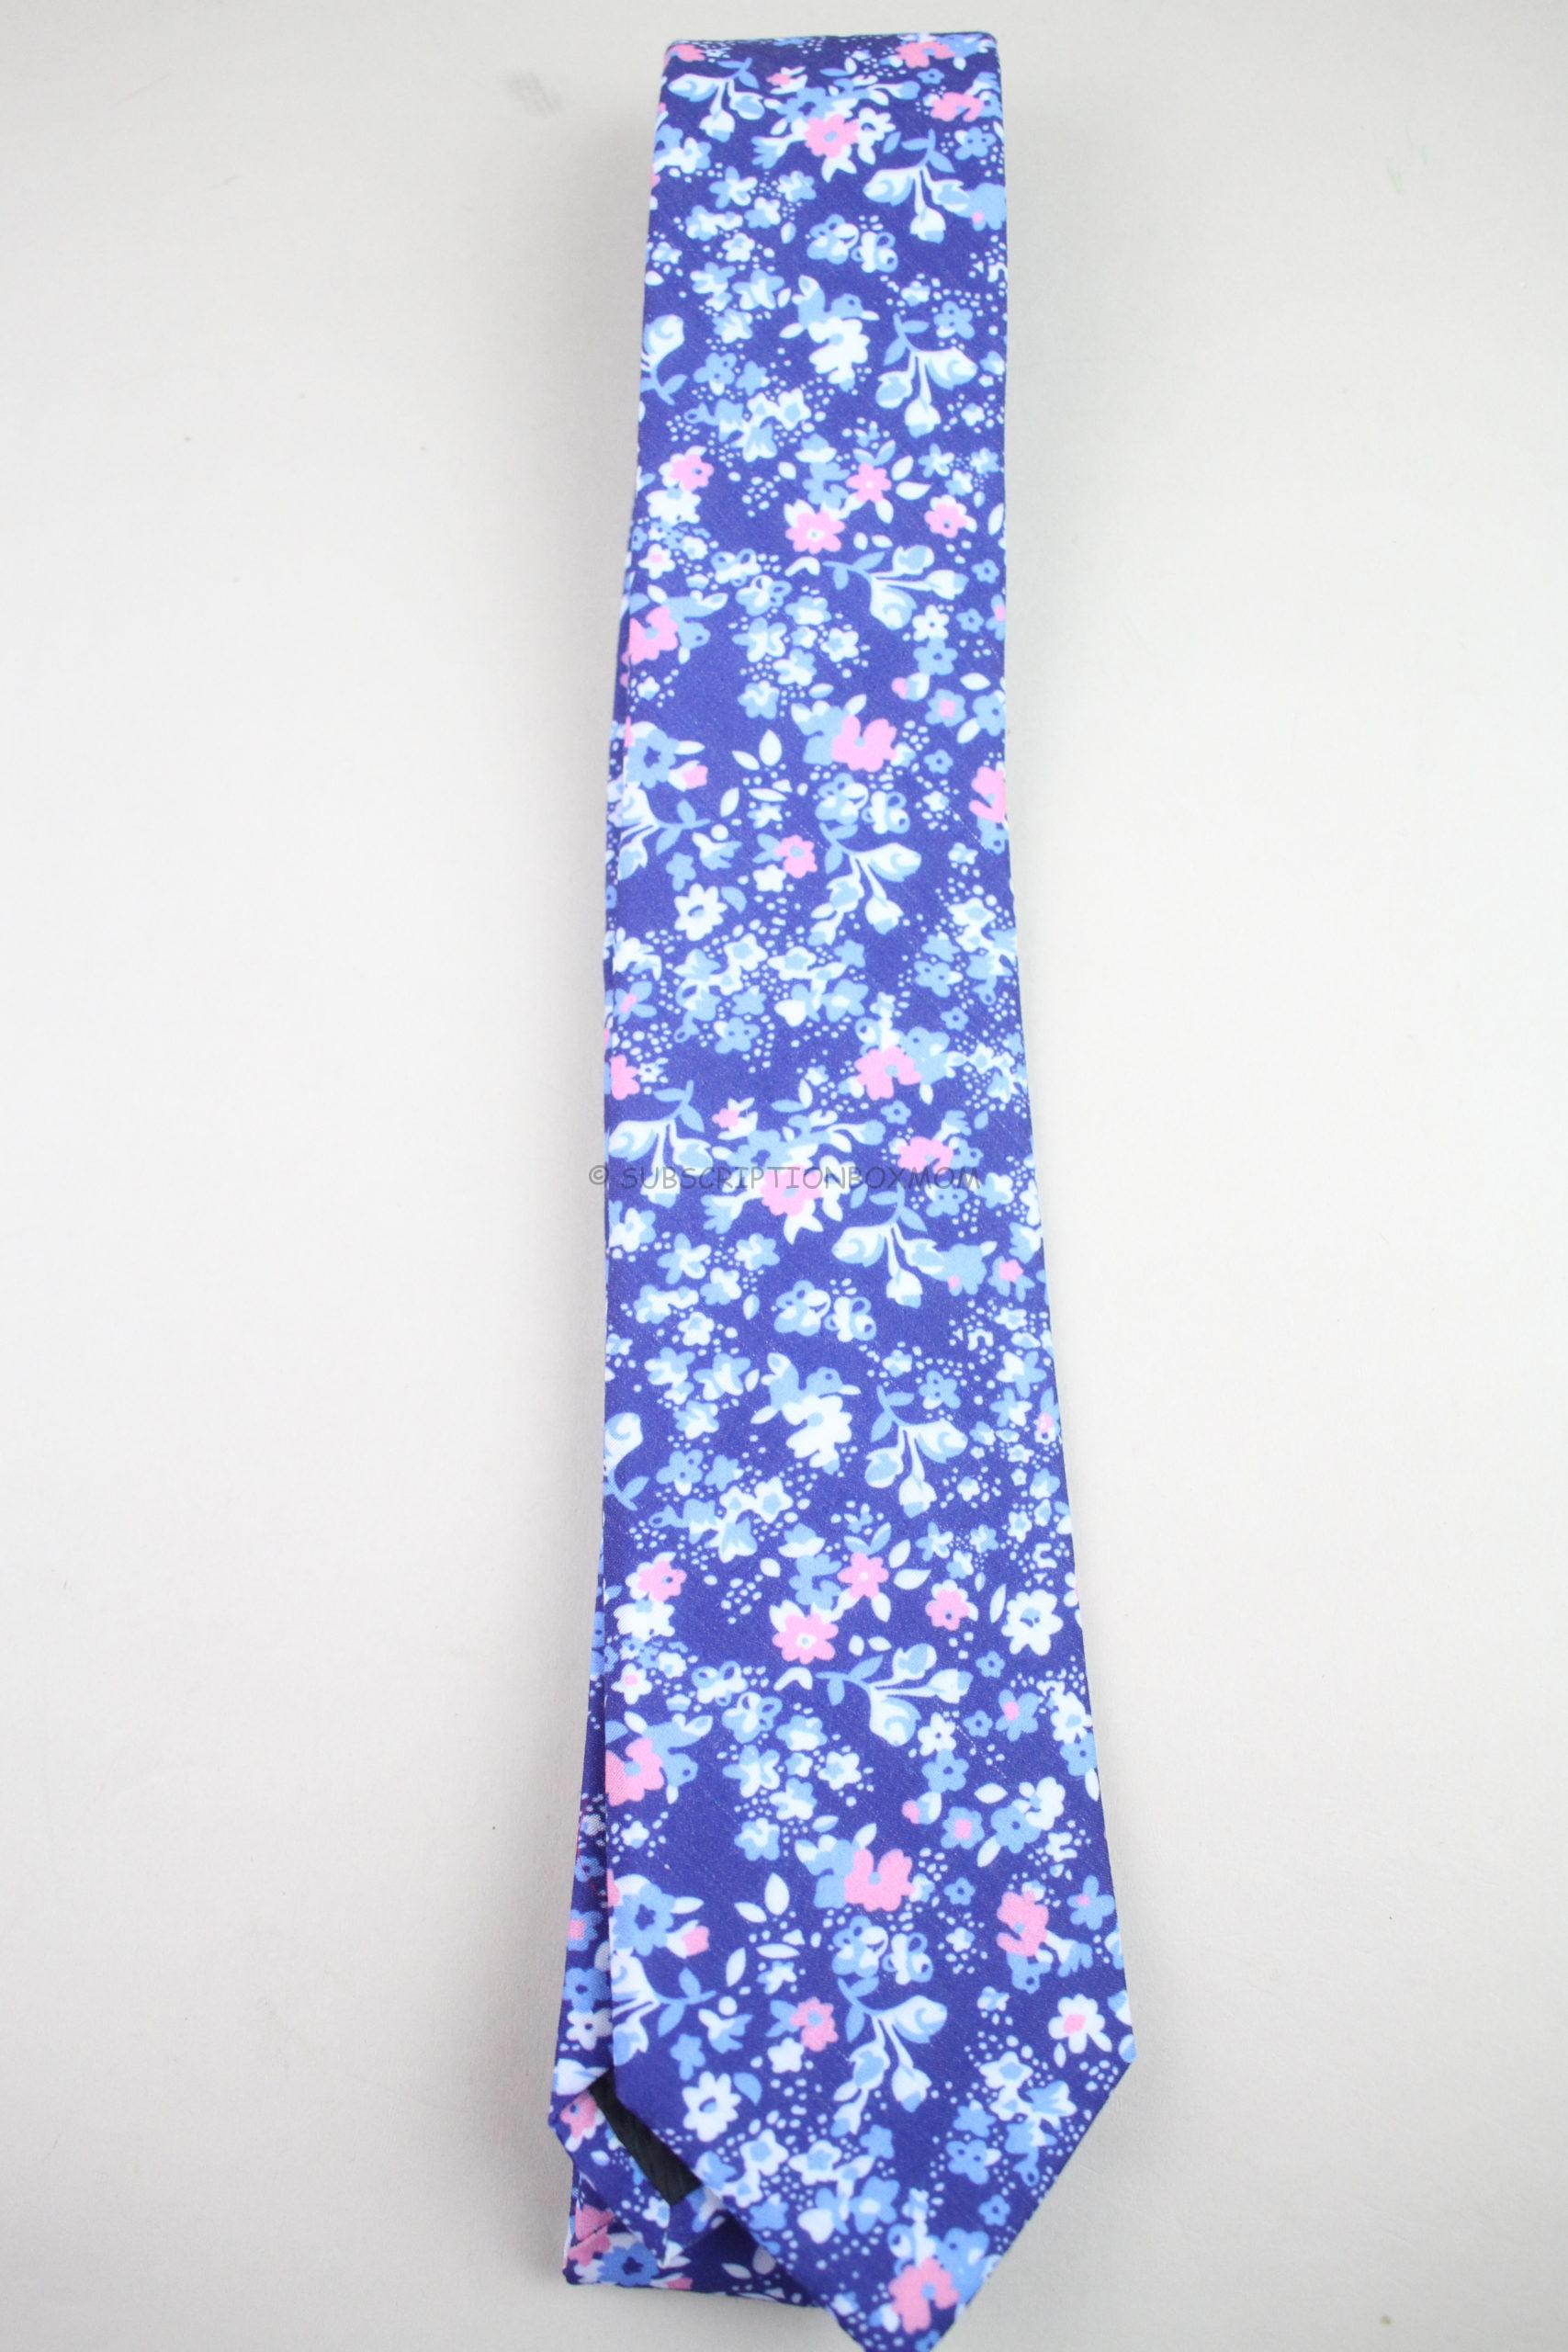 Lord of Ties Floral Tie